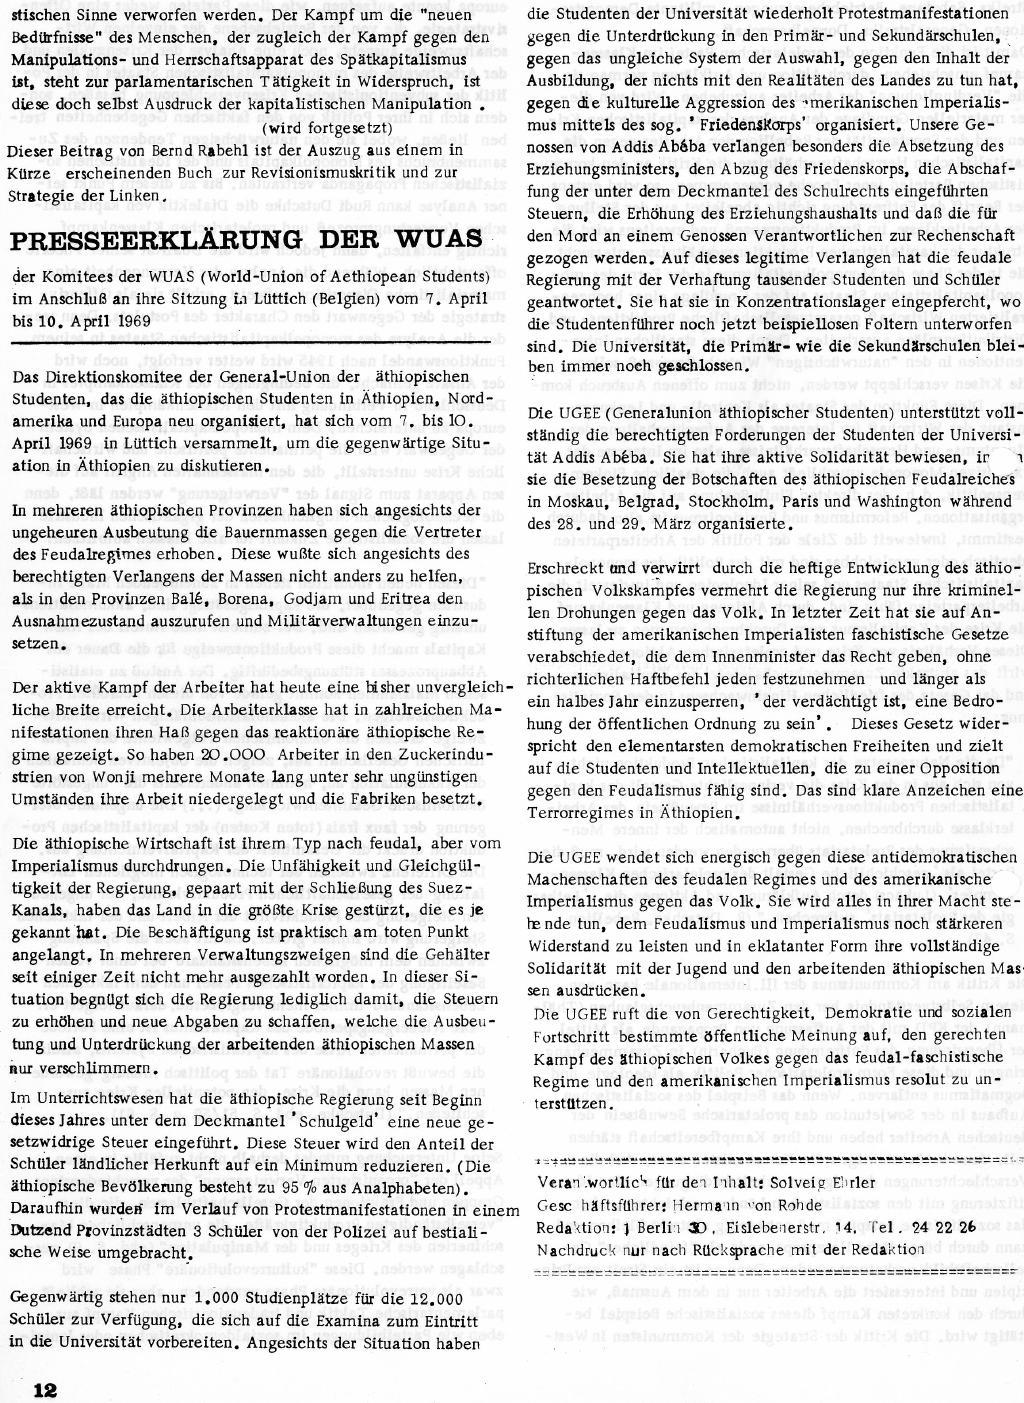 RPK_1969_010_12